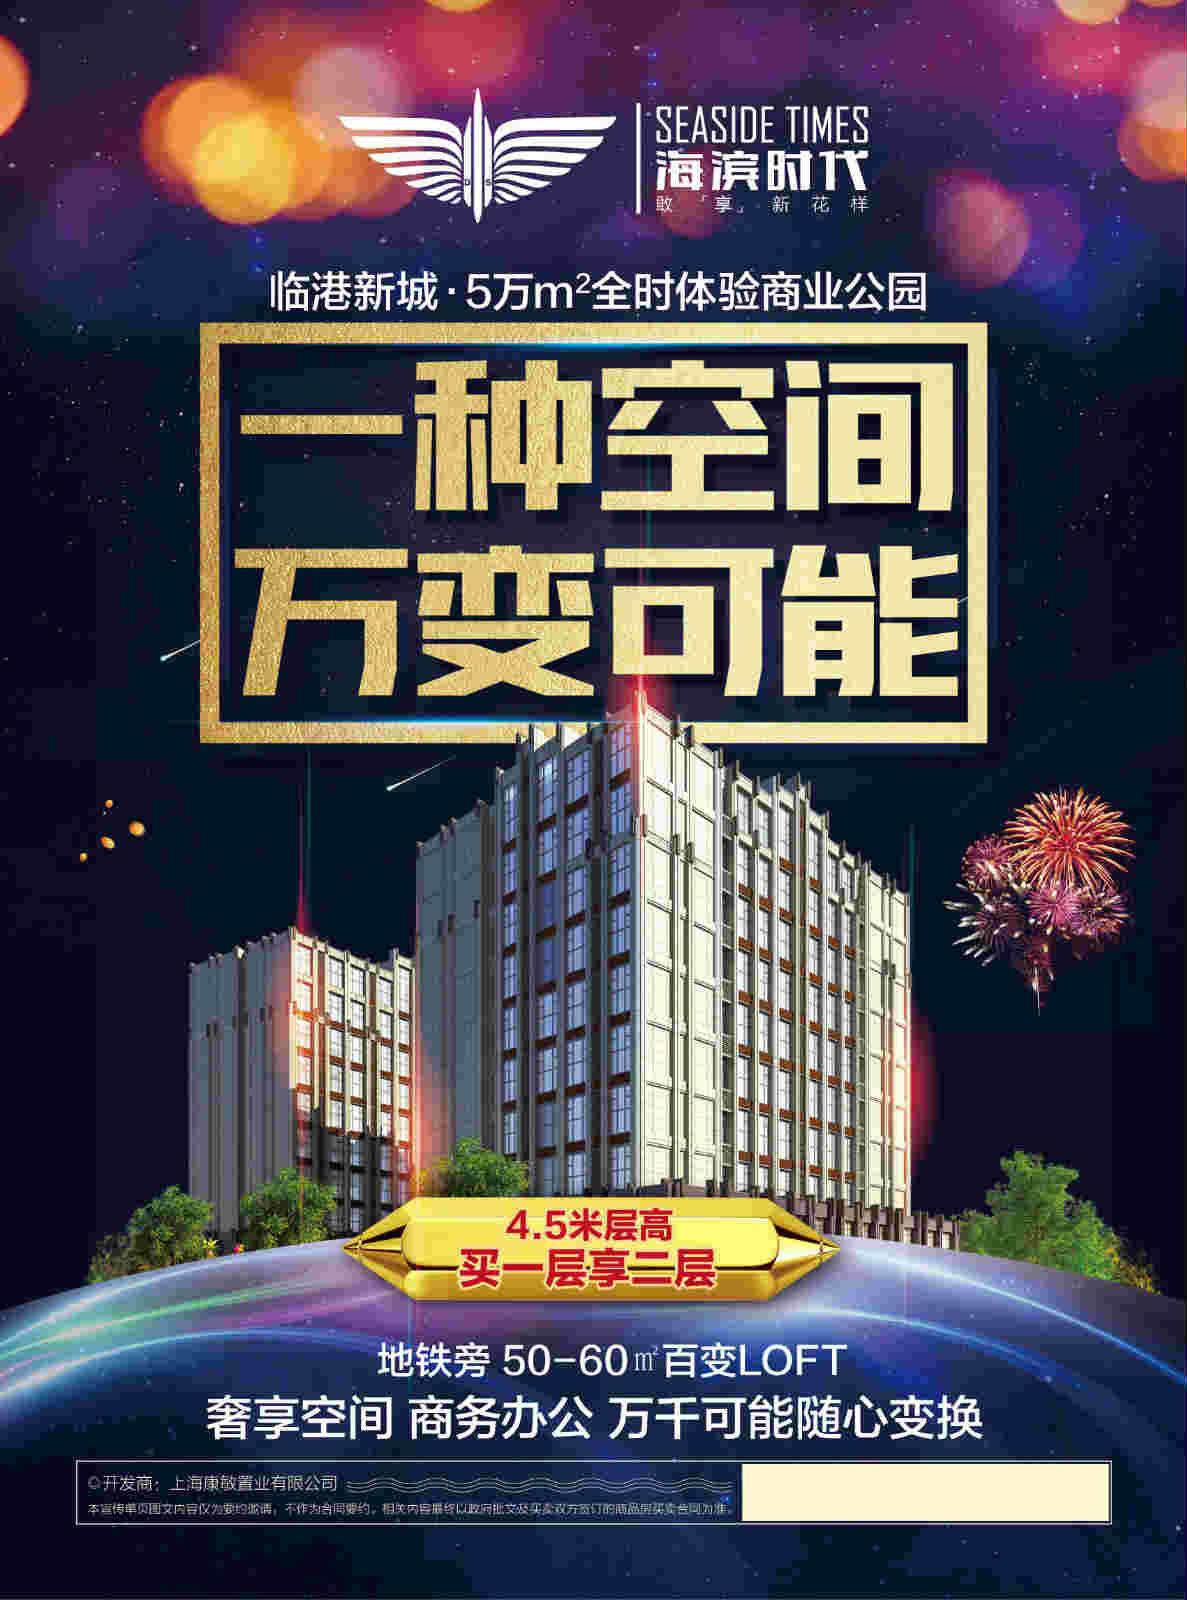 上海浦东海滨时代,优缺点分析,犹豫的进来看看不后悔